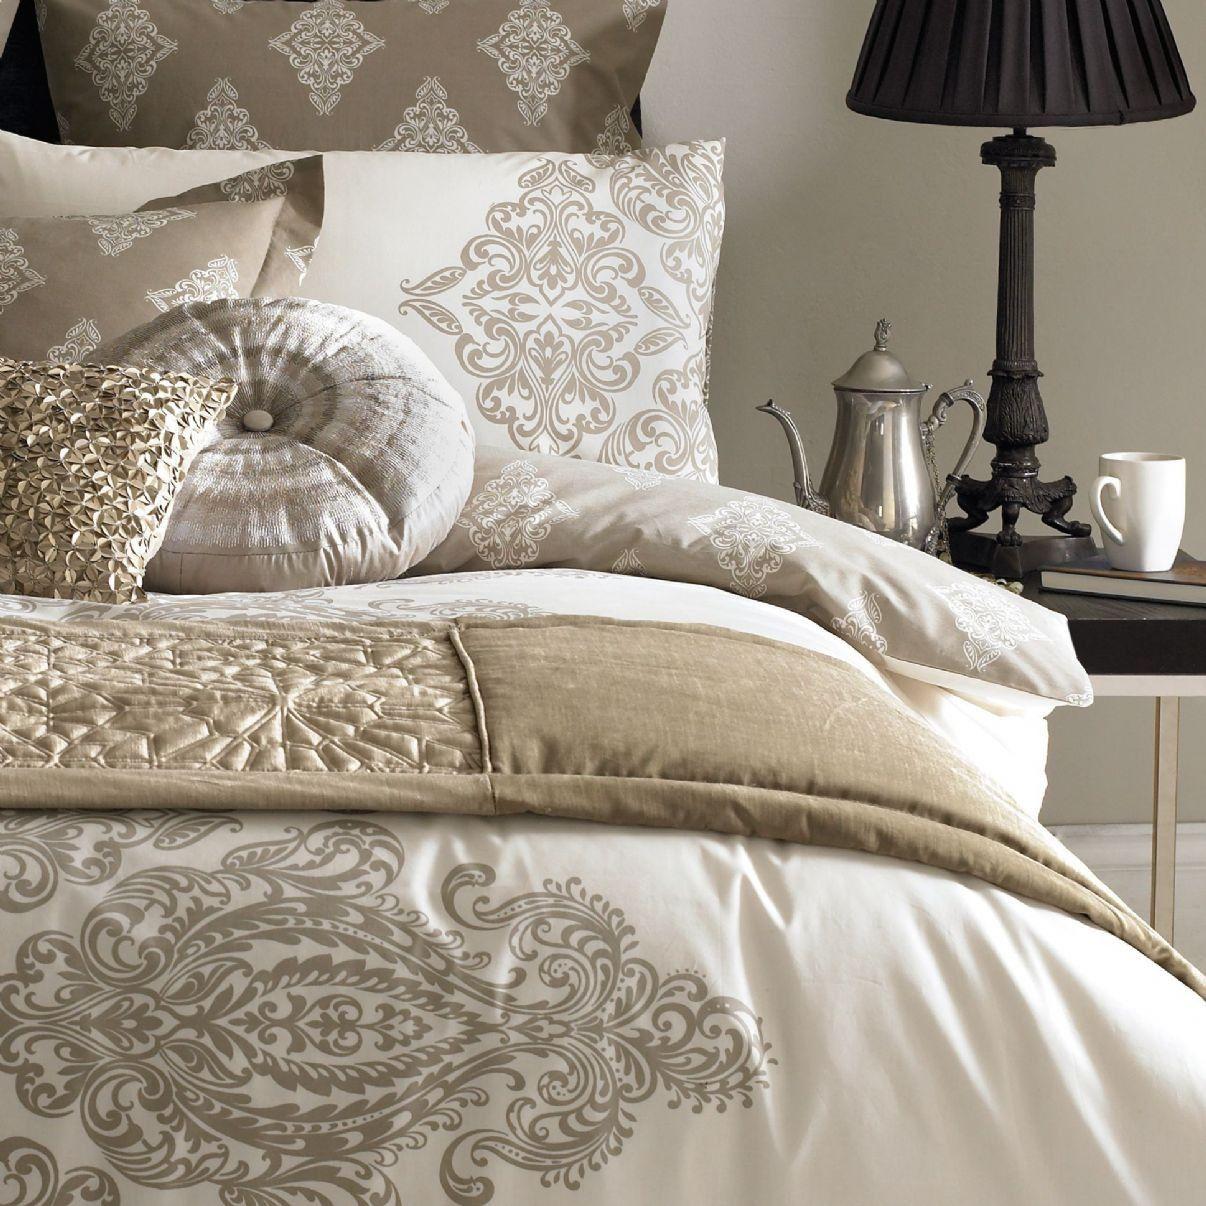 Elizabeth Hurley Tobago Bed Runner Bed Runner Bed Scarf